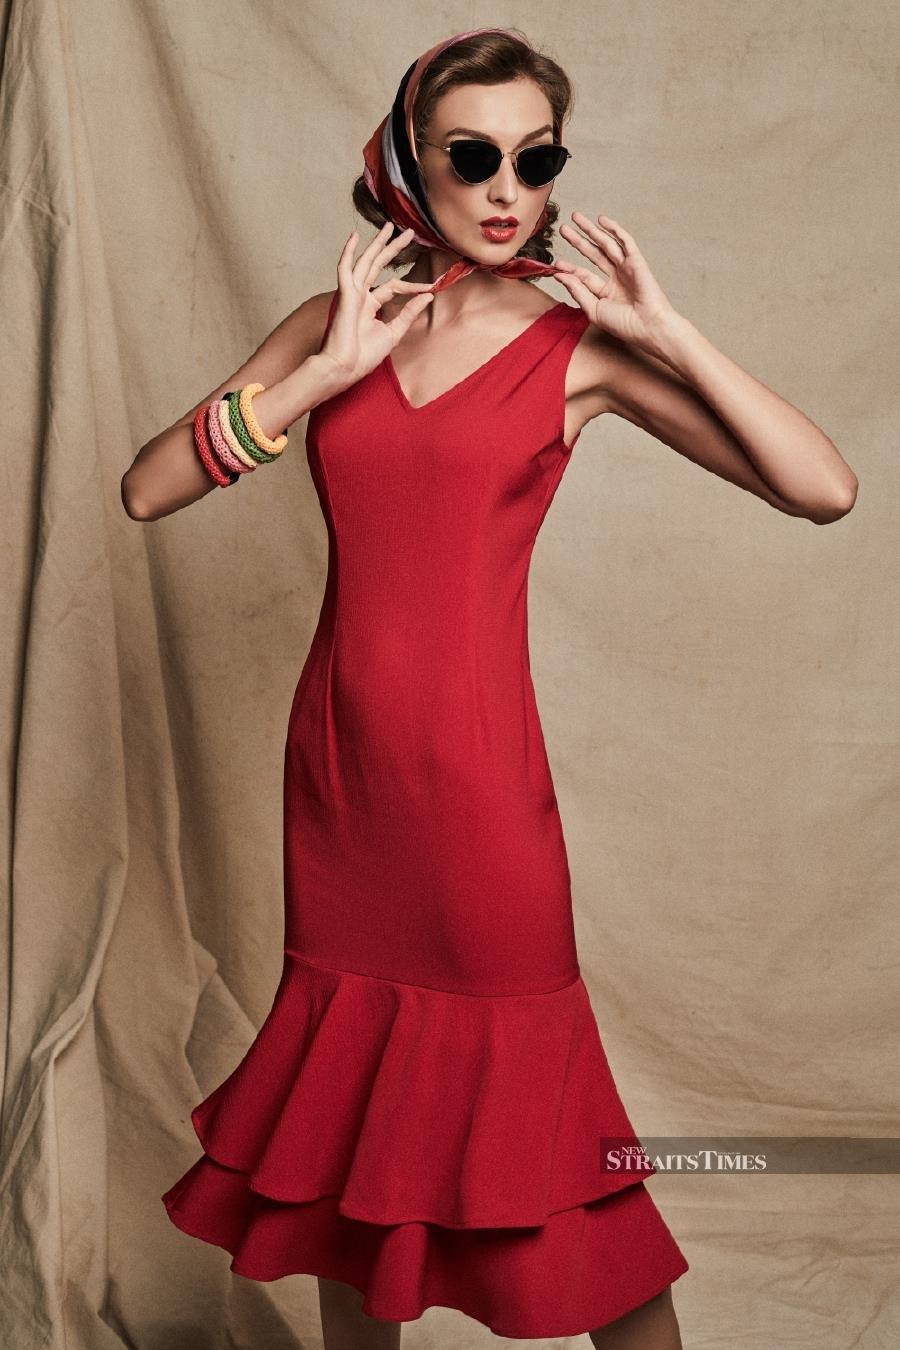 Dress designed by Jiuan Ng.